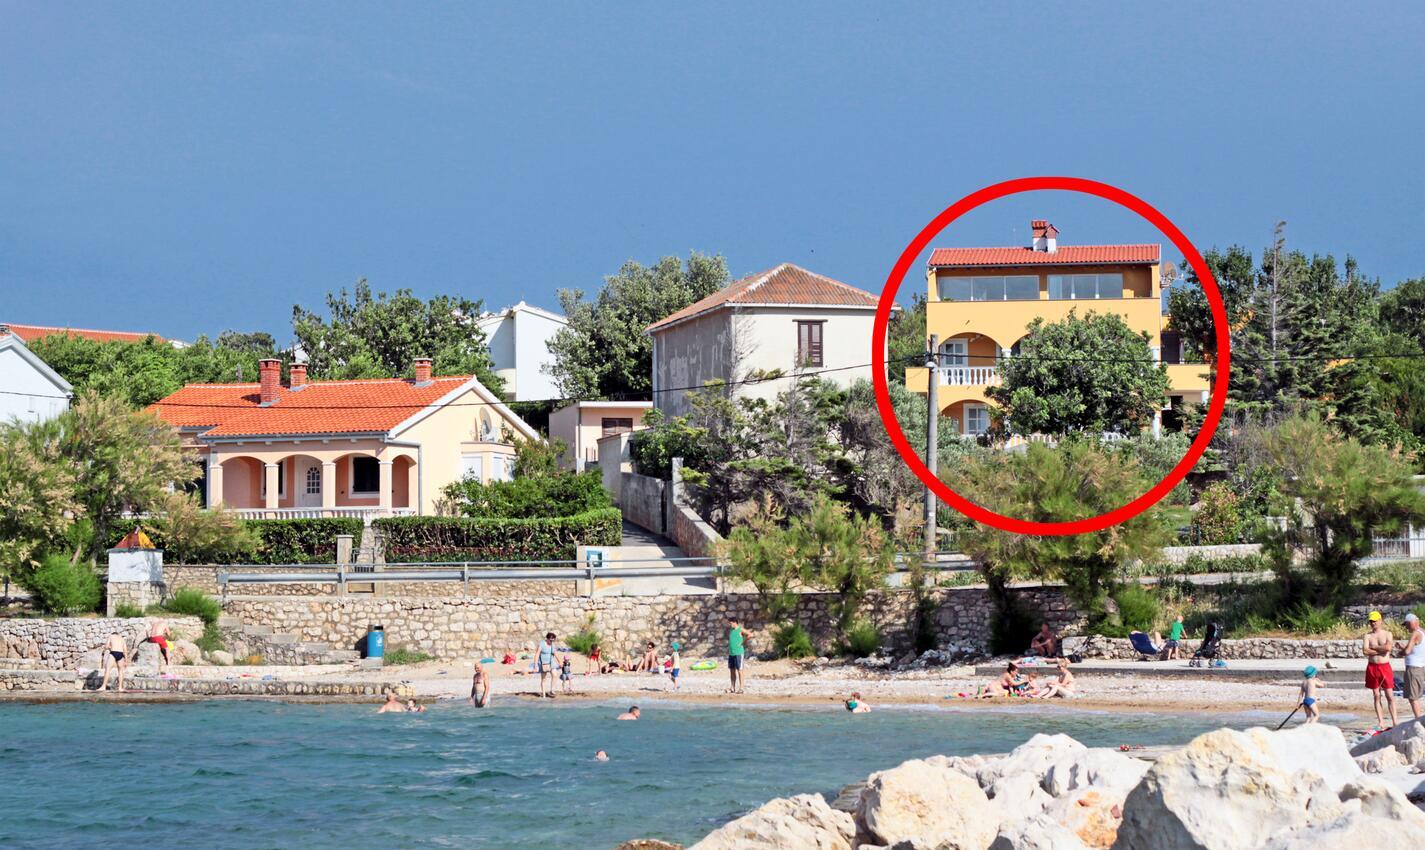 Ferienwohnung im Ort Vinjerac (Zadar), Kapazität 4+0 (1510659), Kroatien, Dalmatien, , Vinjerac